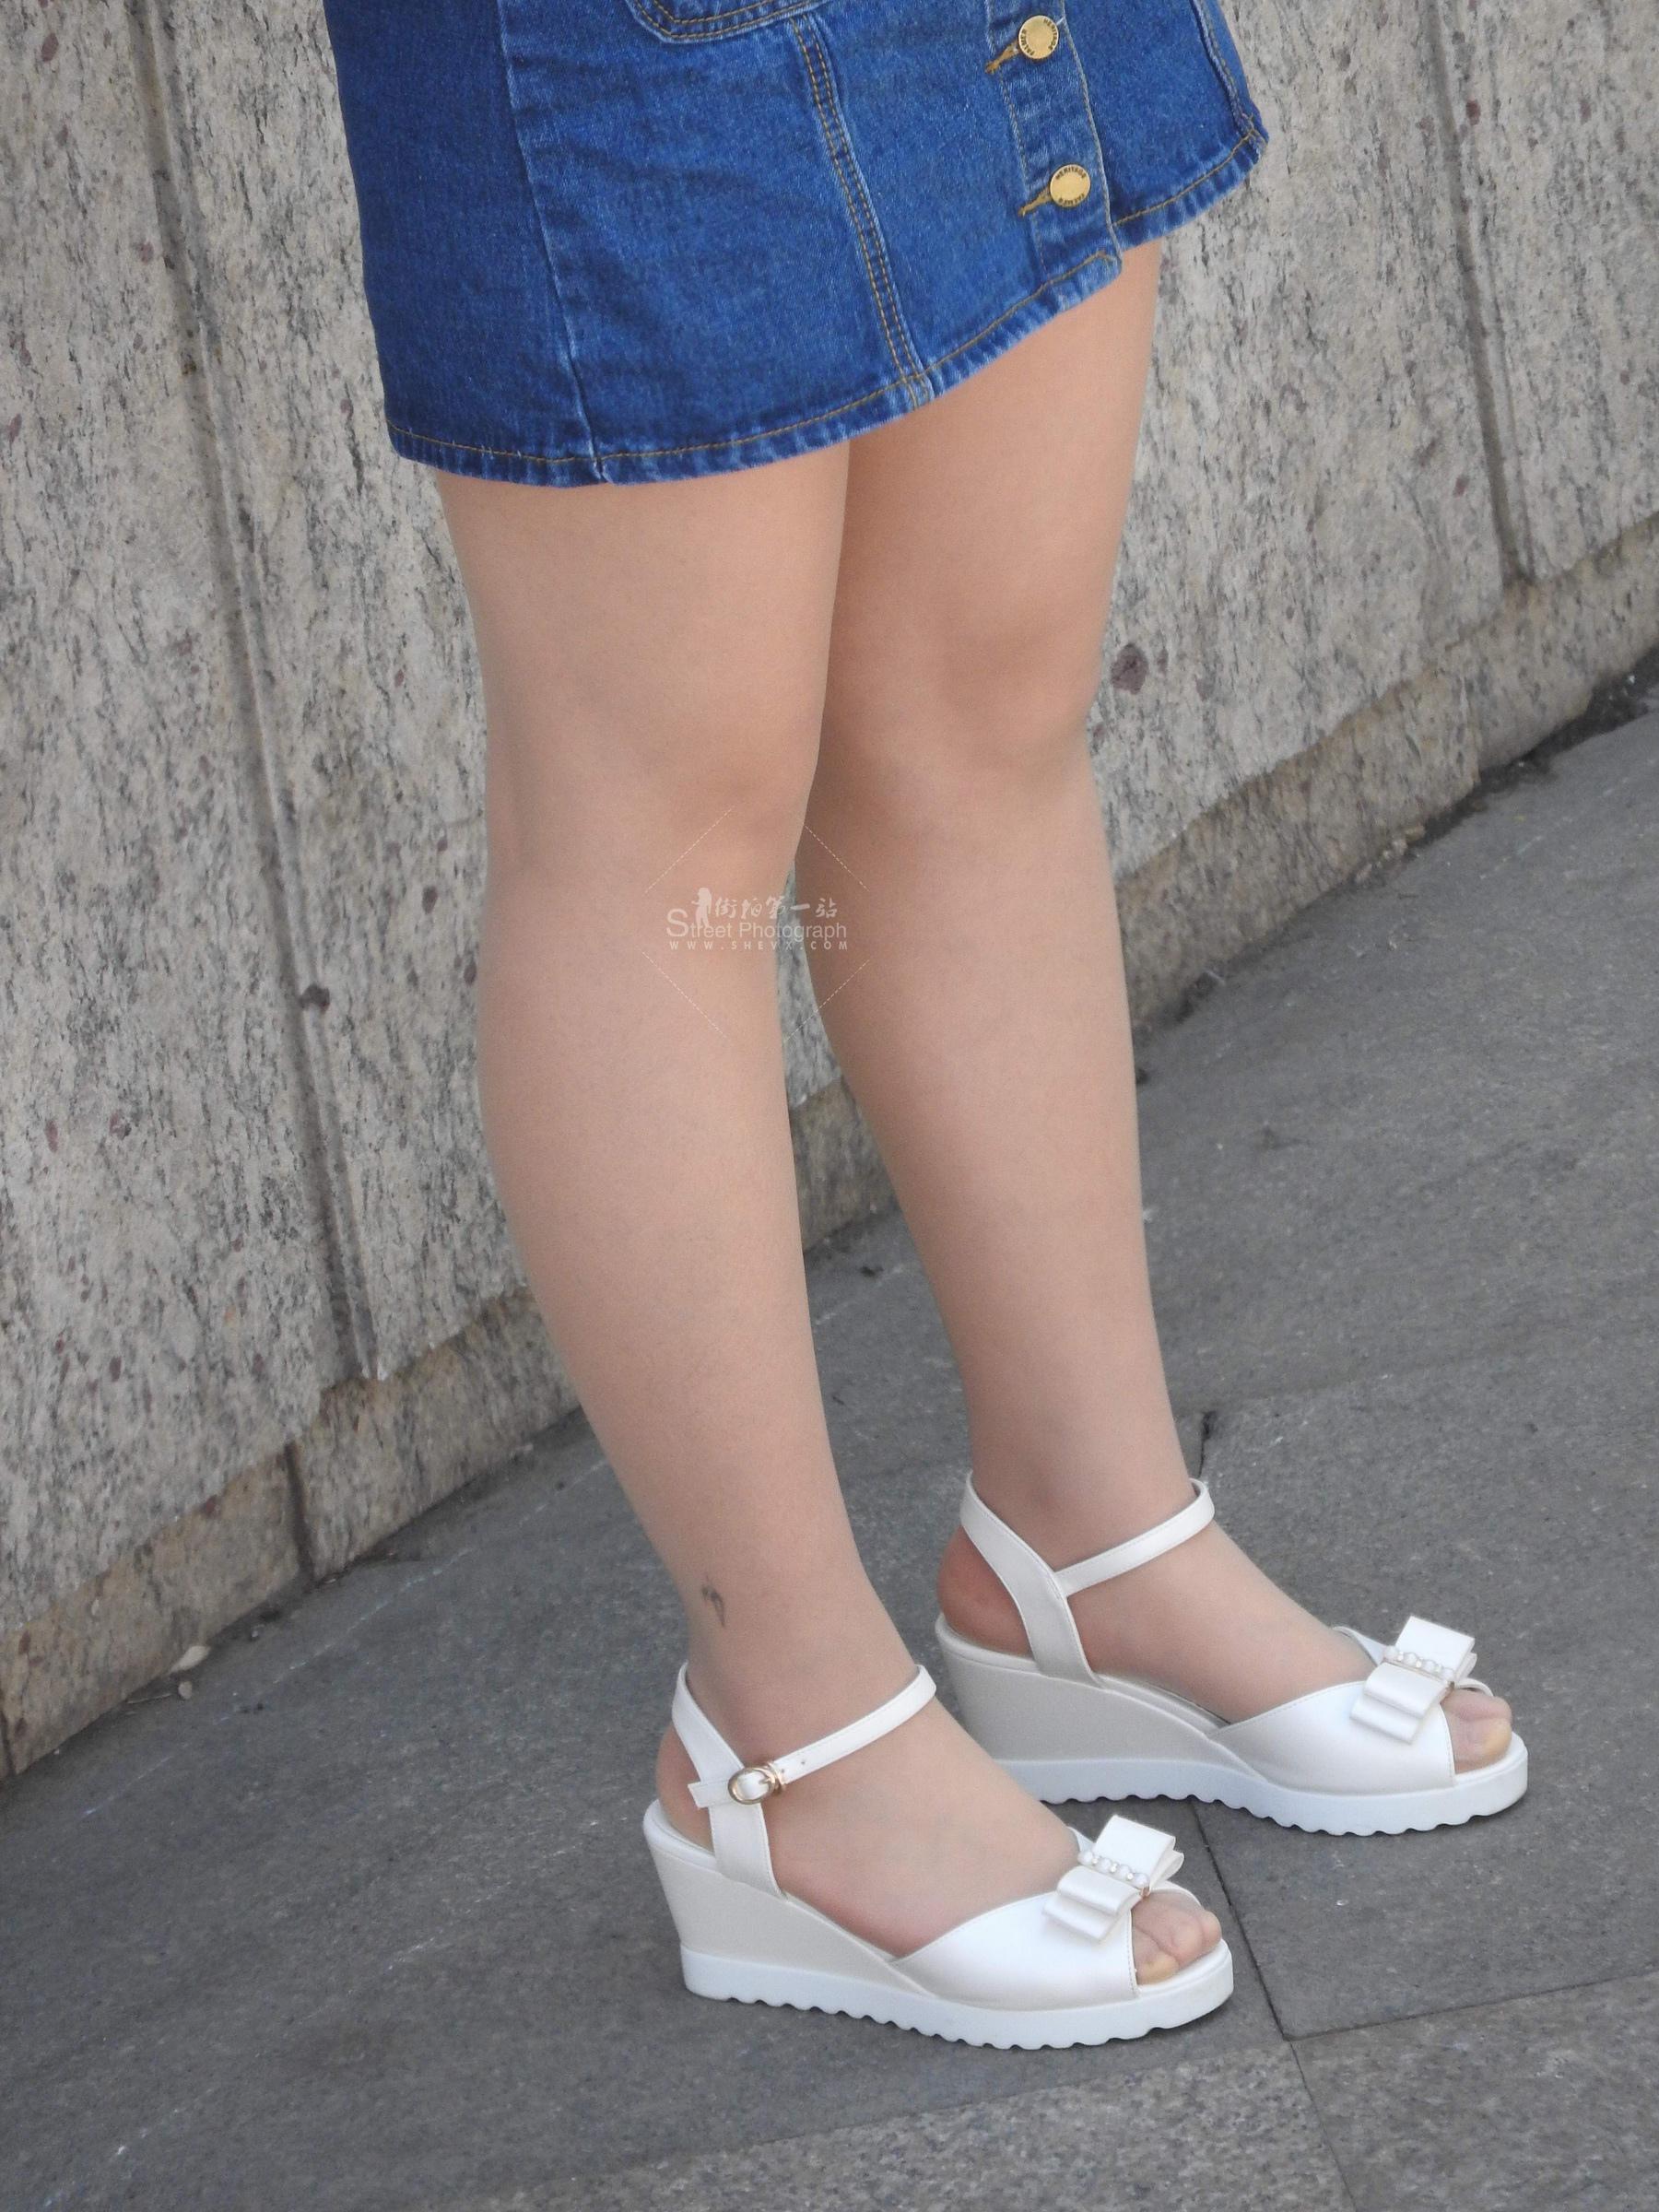 街拍丝袜网易博客_最新街拍丝袜美女第111页-推荐最新街拍丝袜美女合集-街拍丝袜第 ...